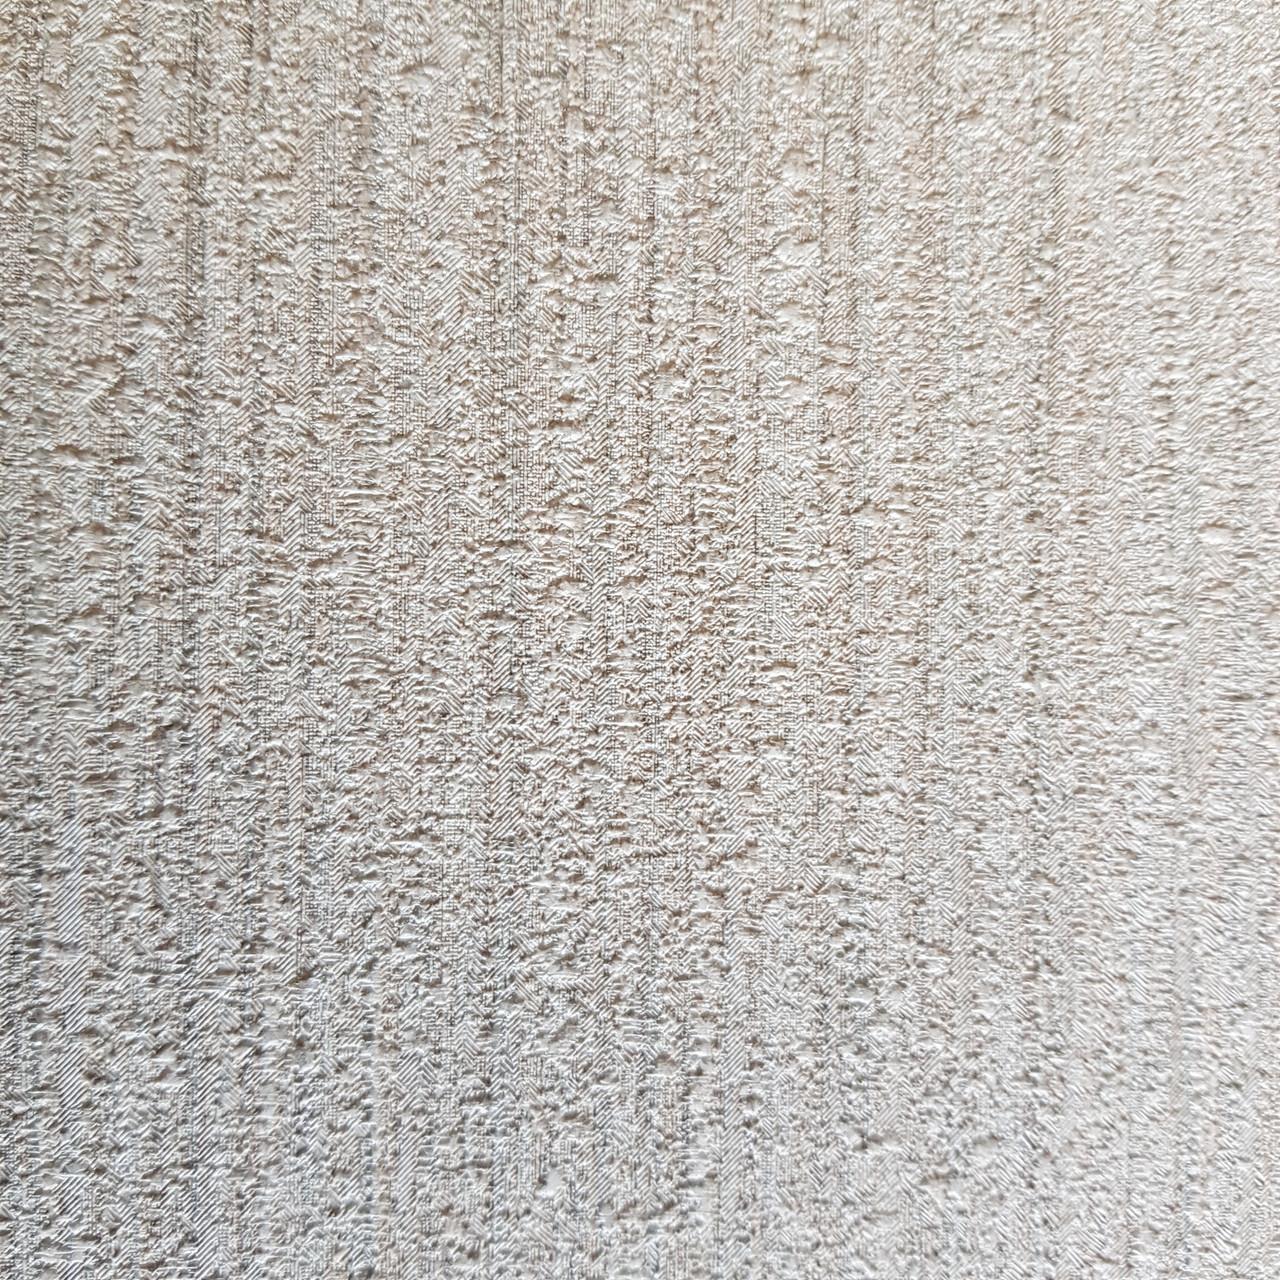 Шпалери вінілові на флізелін Marburg New Spirit Schoner Wohnen однотонні структурні під рогожку бежеві